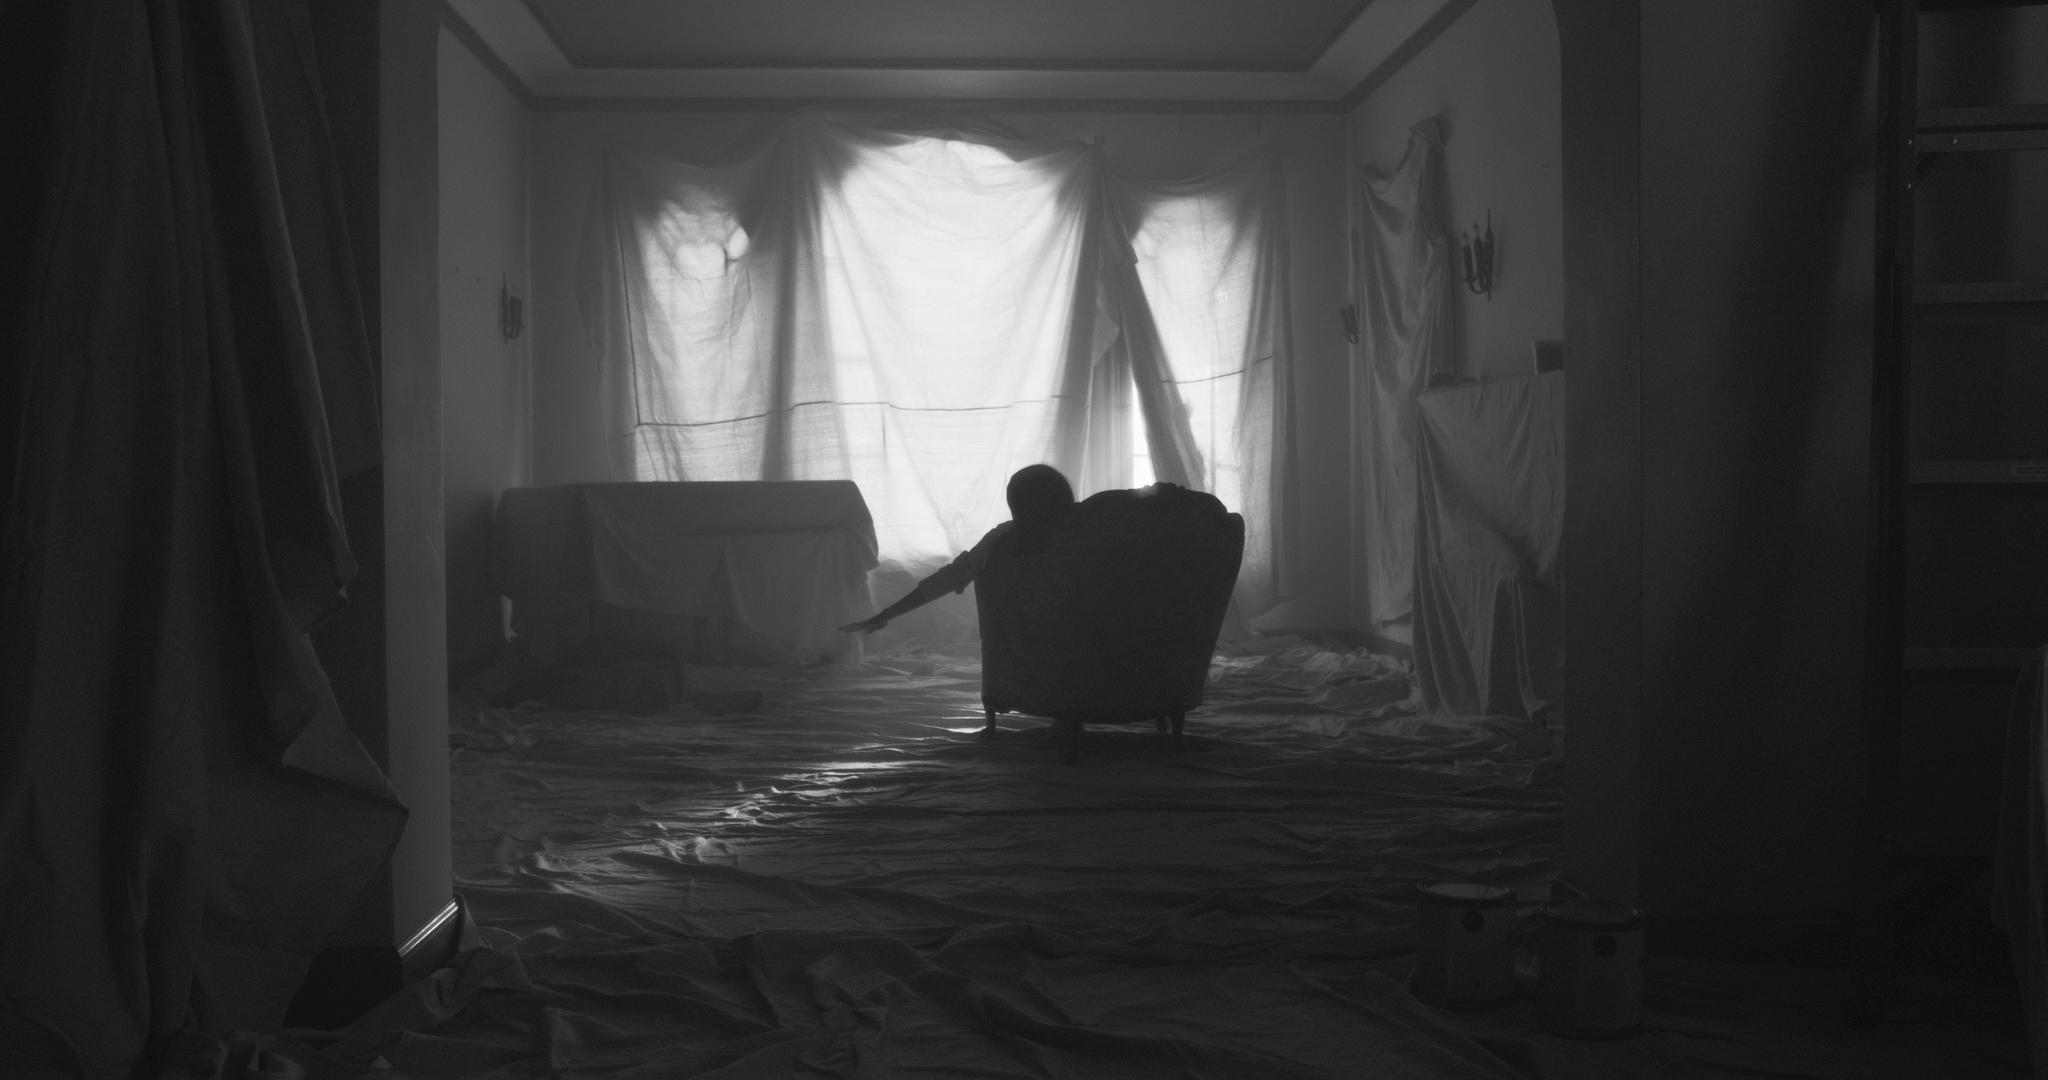 Shadows - Film Still 2.jpg